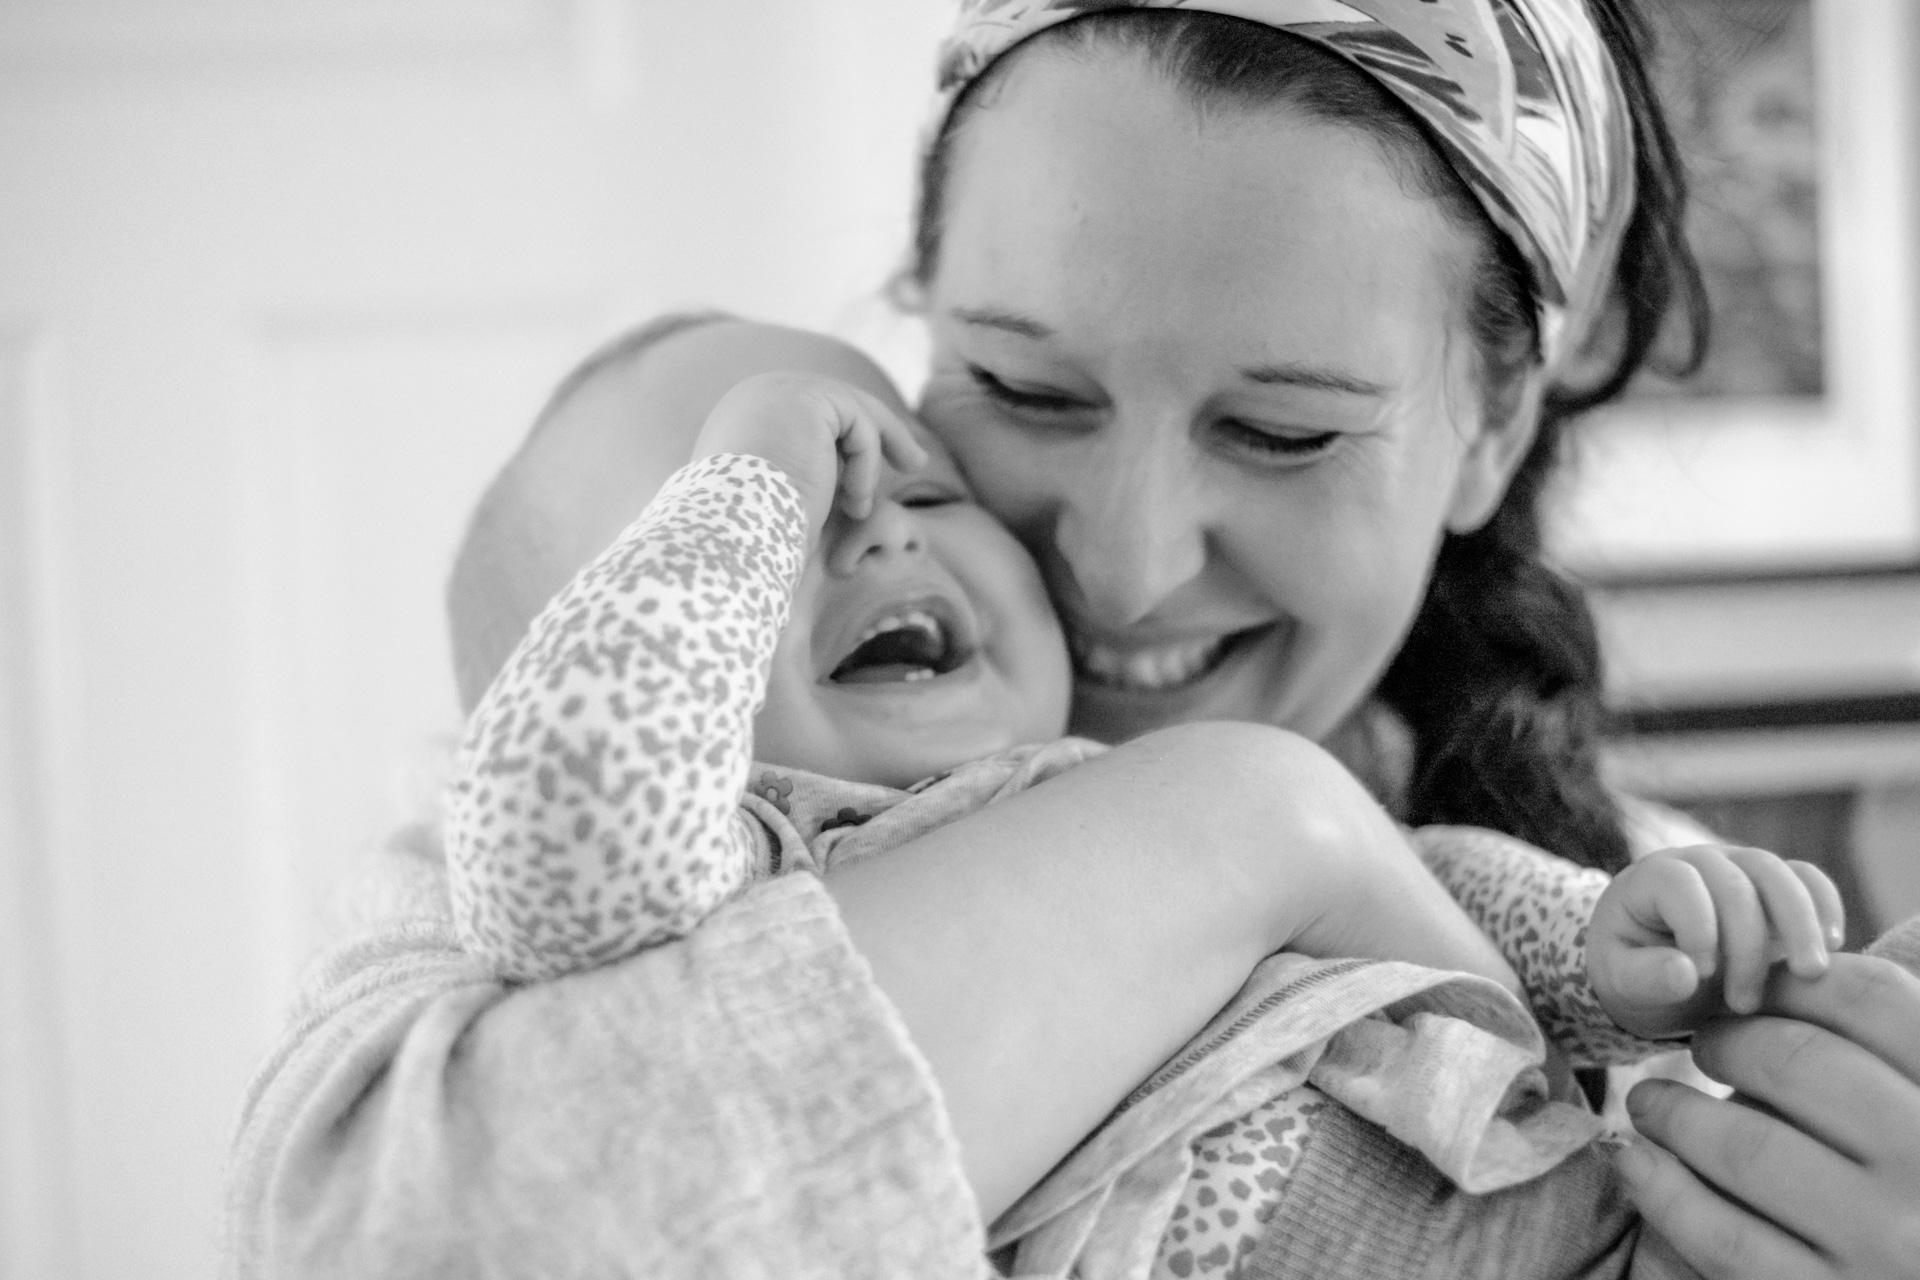 Mor holder 1 år gammel datter i armene, begge smiler og ler.